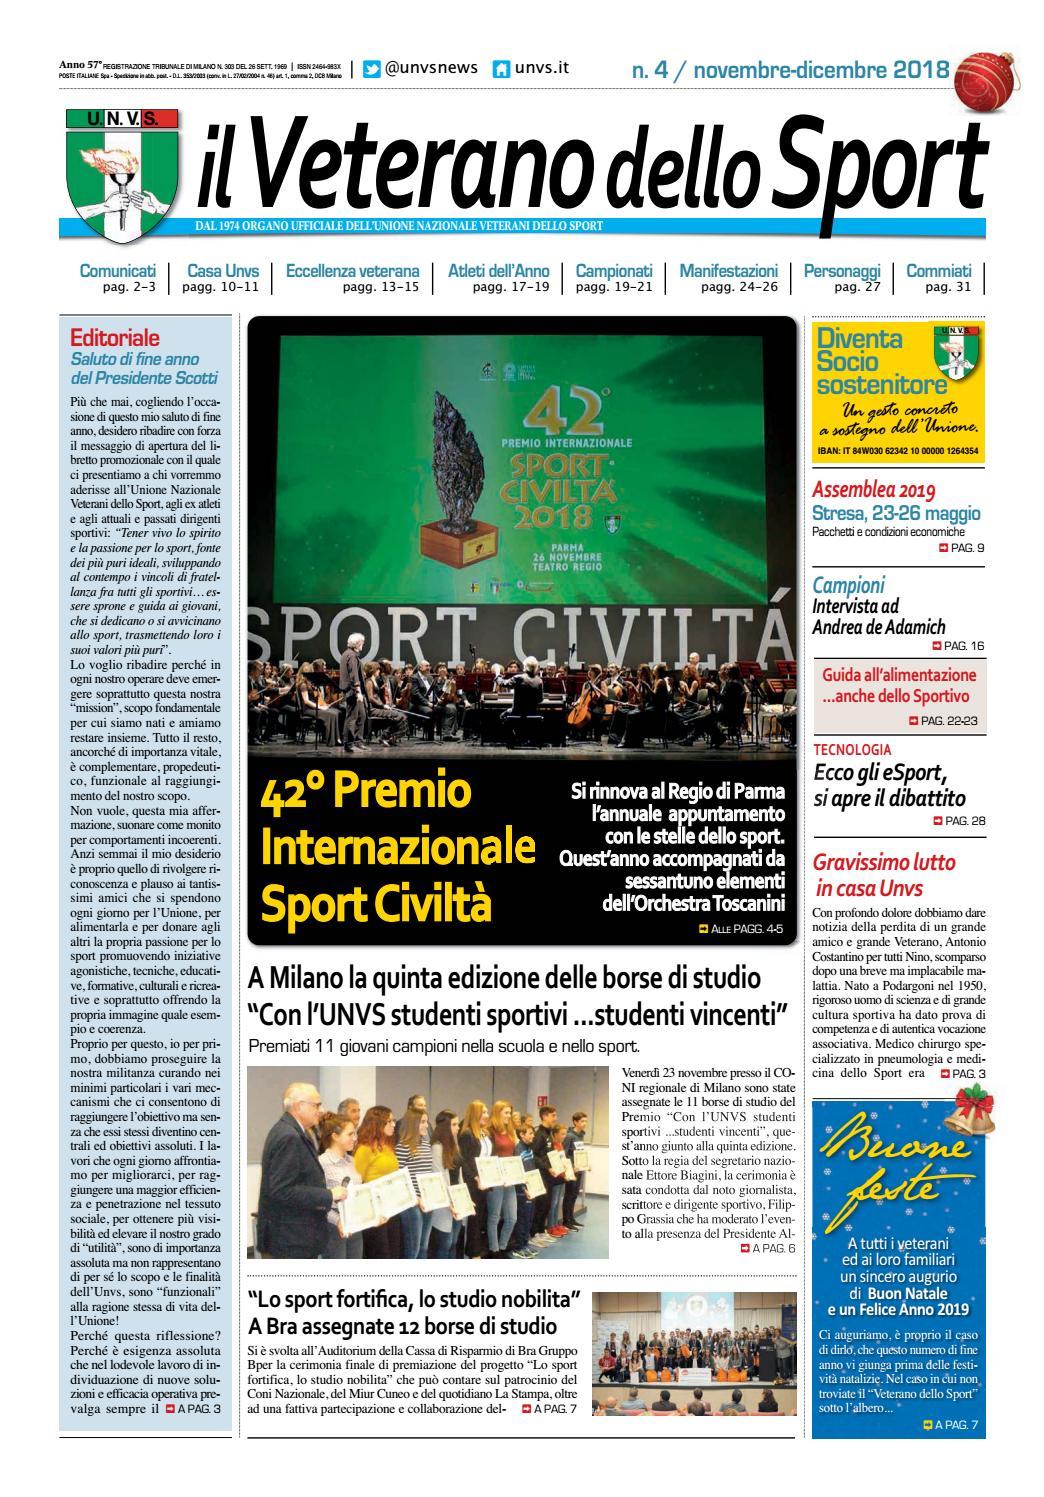 uk sporco a prezzi ragionevoli nuovo stile di vita il Veterano dello Sport n. 4 2018 by IL VETERANO - issuu